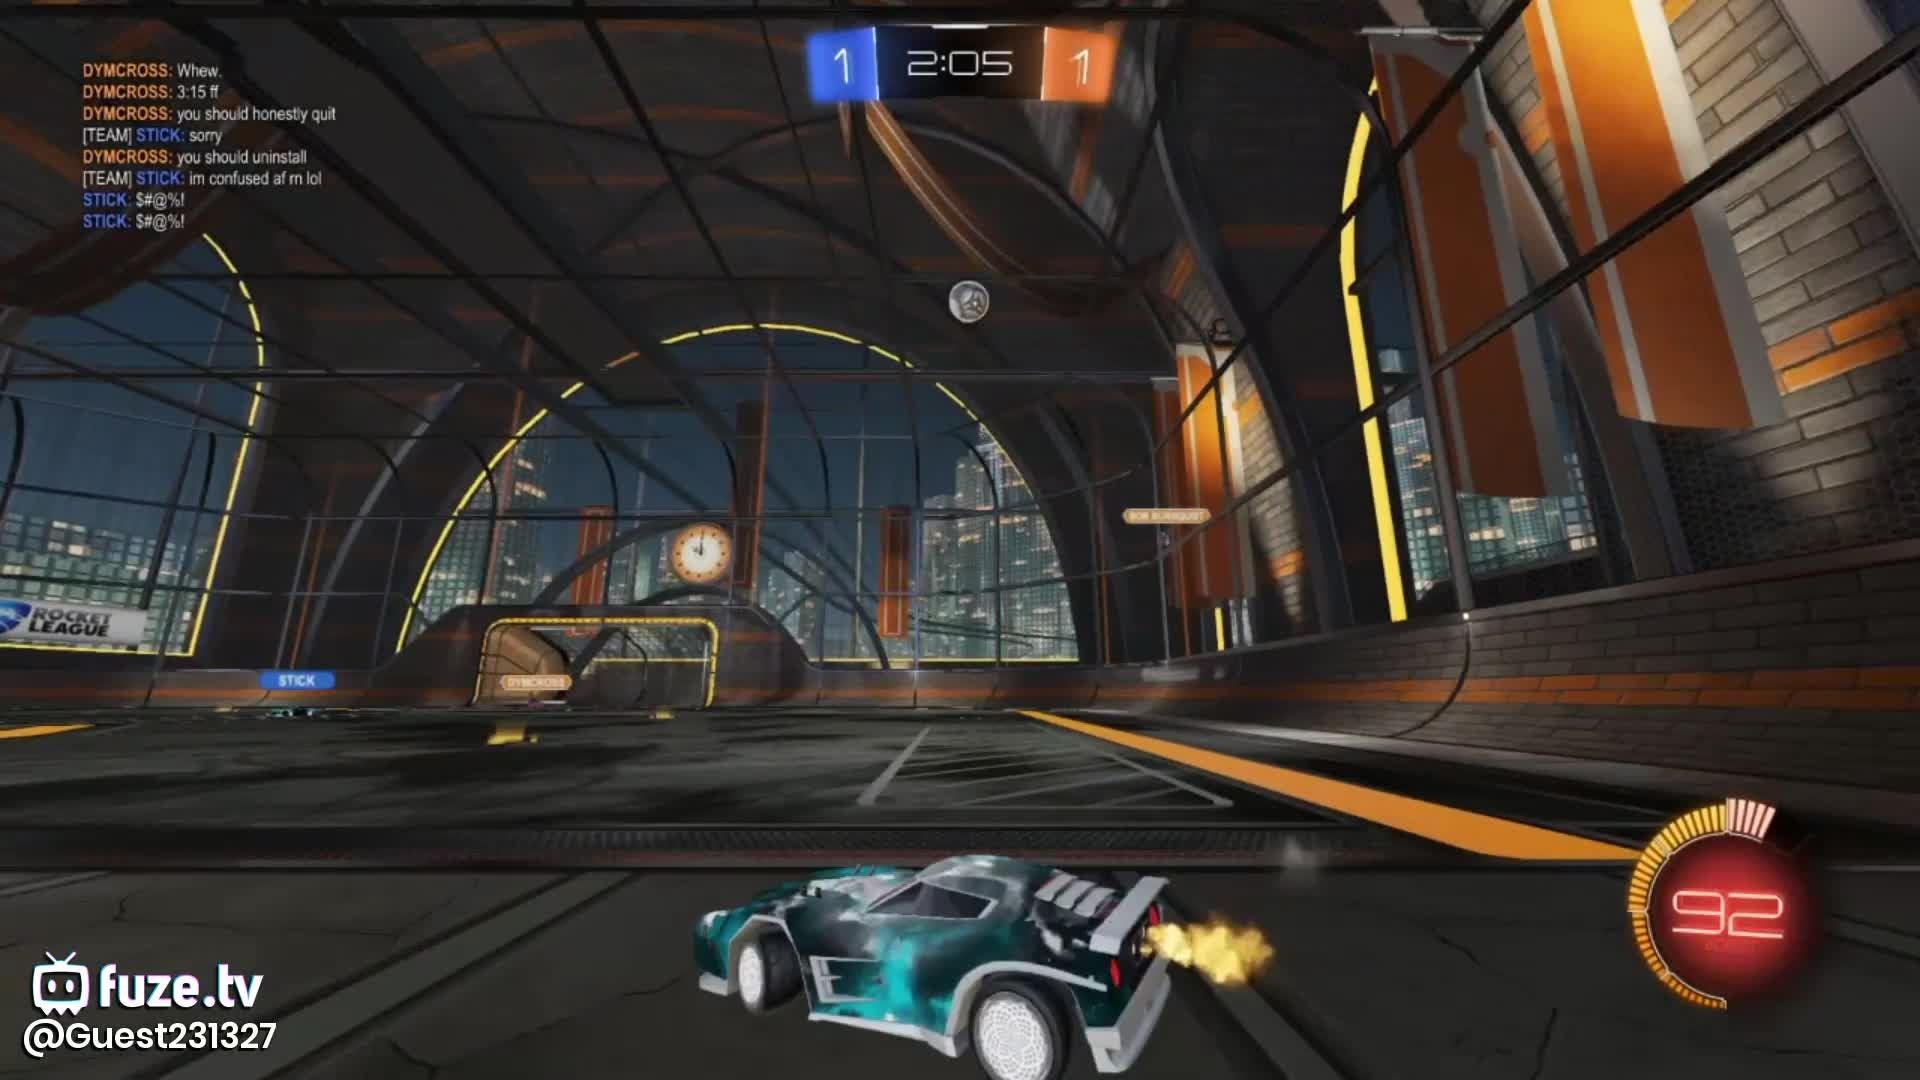 Rocket League: General - Dunkathon video cover image 0